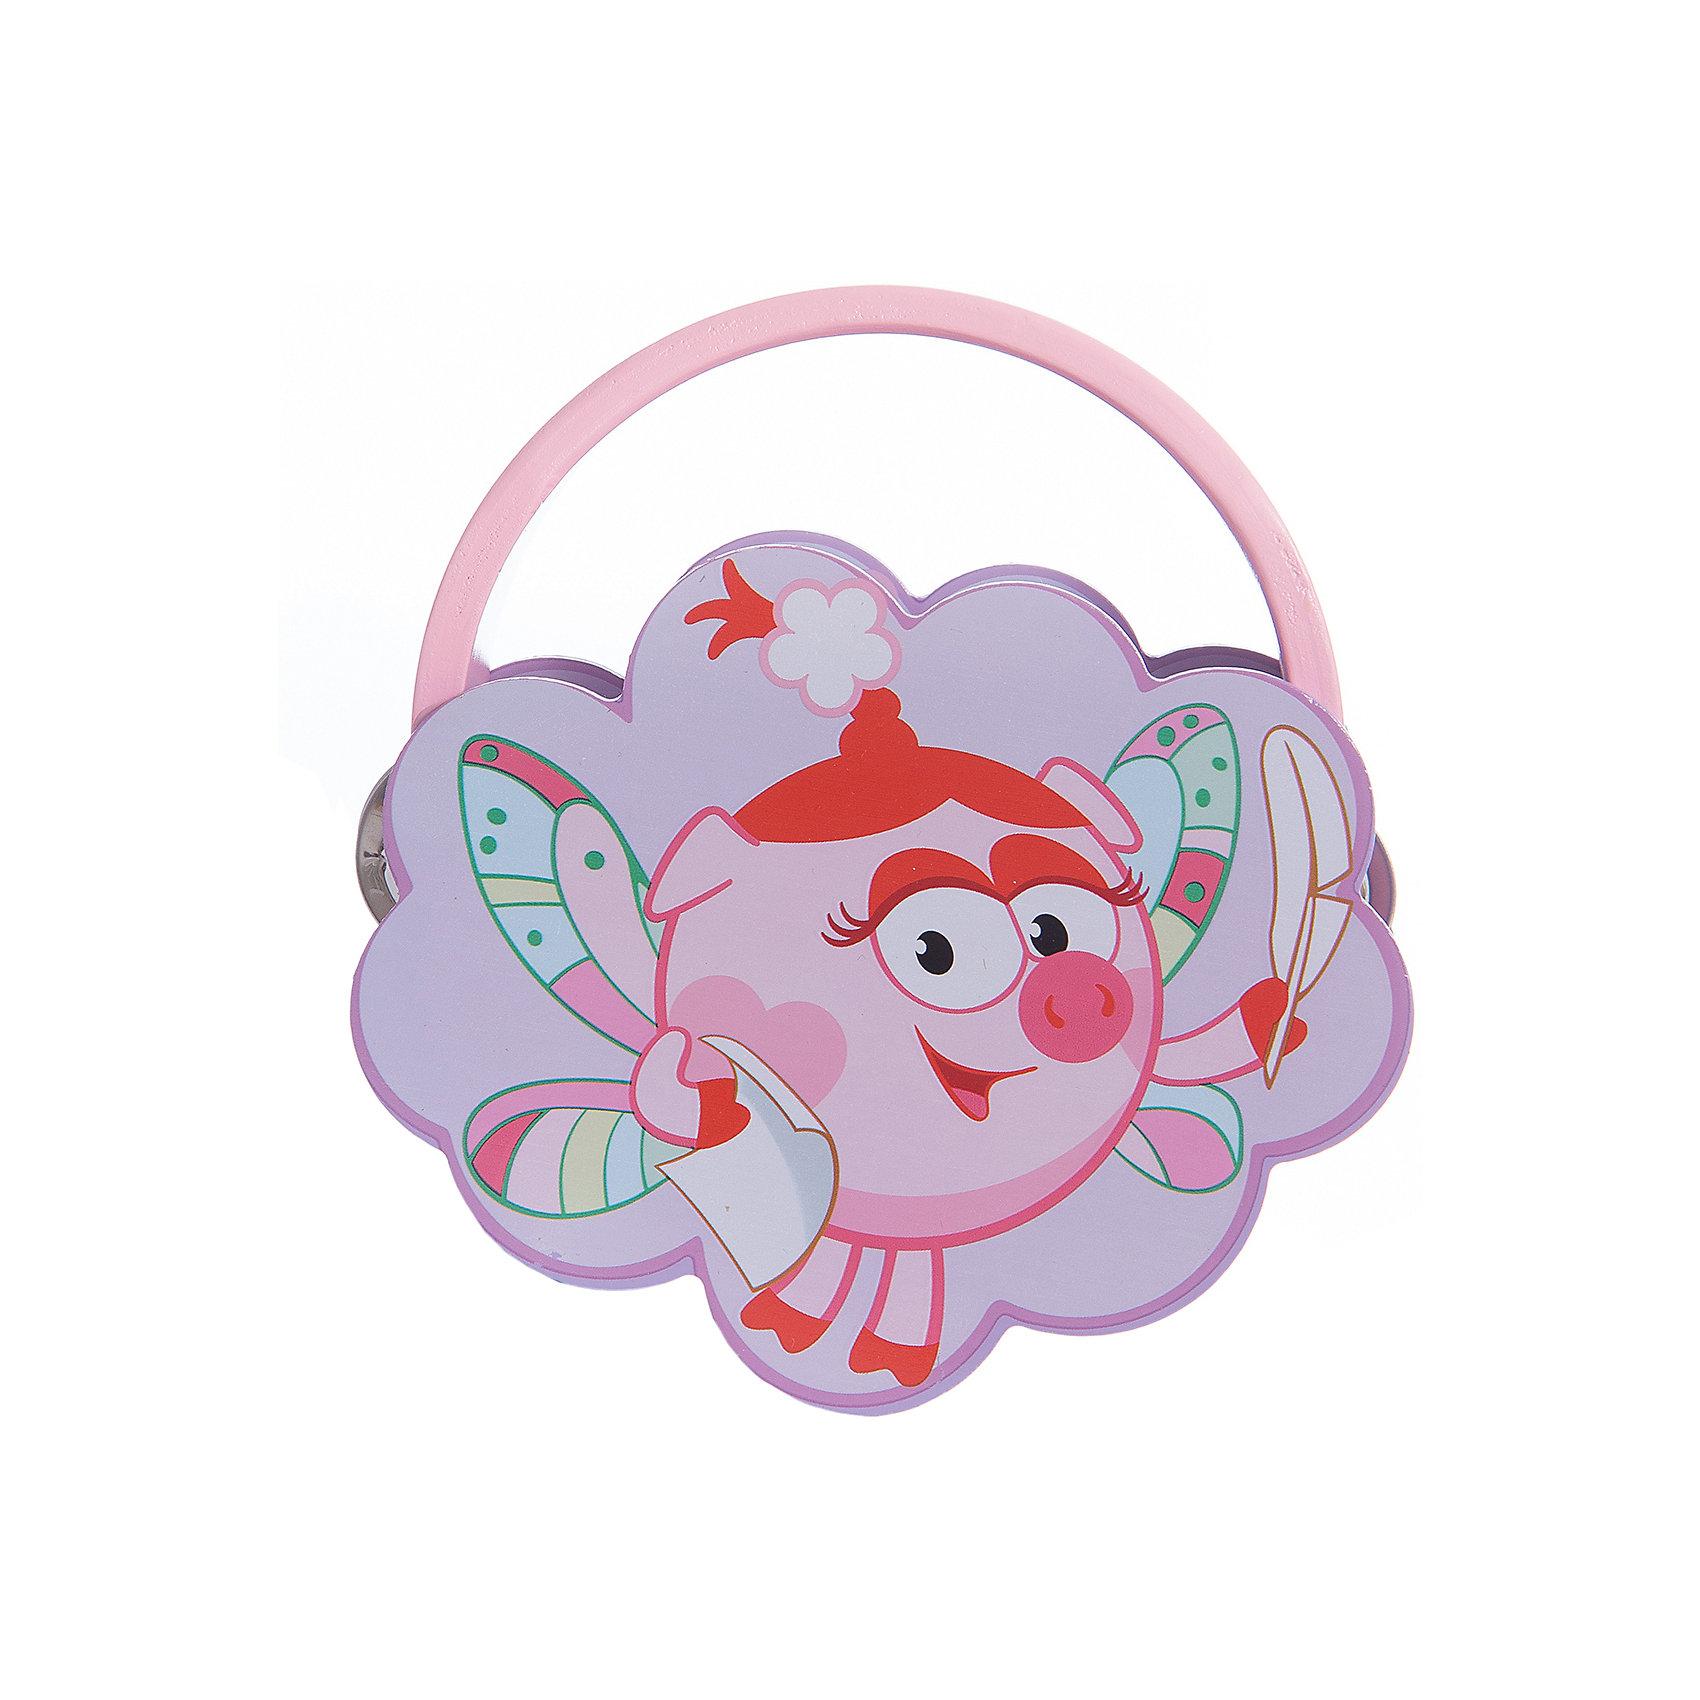 Бубен Нюша, Смешарики, Мир деревянных игрушекДеревянные музыкальные игрушки<br>Бубен Нюша - начинать первые шаги в музыке интереснее с любимыми героями. <br>Бубен с Нюшей из Смешариков выполнен из натурального дерева, делая игрушку безопасной даже для самых маленьких. Нежный розовый цвет отлично подойдет для девочек от 3 лет.<br><br>Дополнительная информация:<br>- размер: 150х35х150<br>- вес: 143г<br>- материал: дерево, металл<br>- возраст: от 3 лет<br><br>Бубен Нюша можно купить в нашем интернет-магазине.<br><br>Ширина мм: 150<br>Глубина мм: 35<br>Высота мм: 150<br>Вес г: 143<br>Возраст от месяцев: 36<br>Возраст до месяцев: 2147483647<br>Пол: Унисекс<br>Возраст: Детский<br>SKU: 4895868